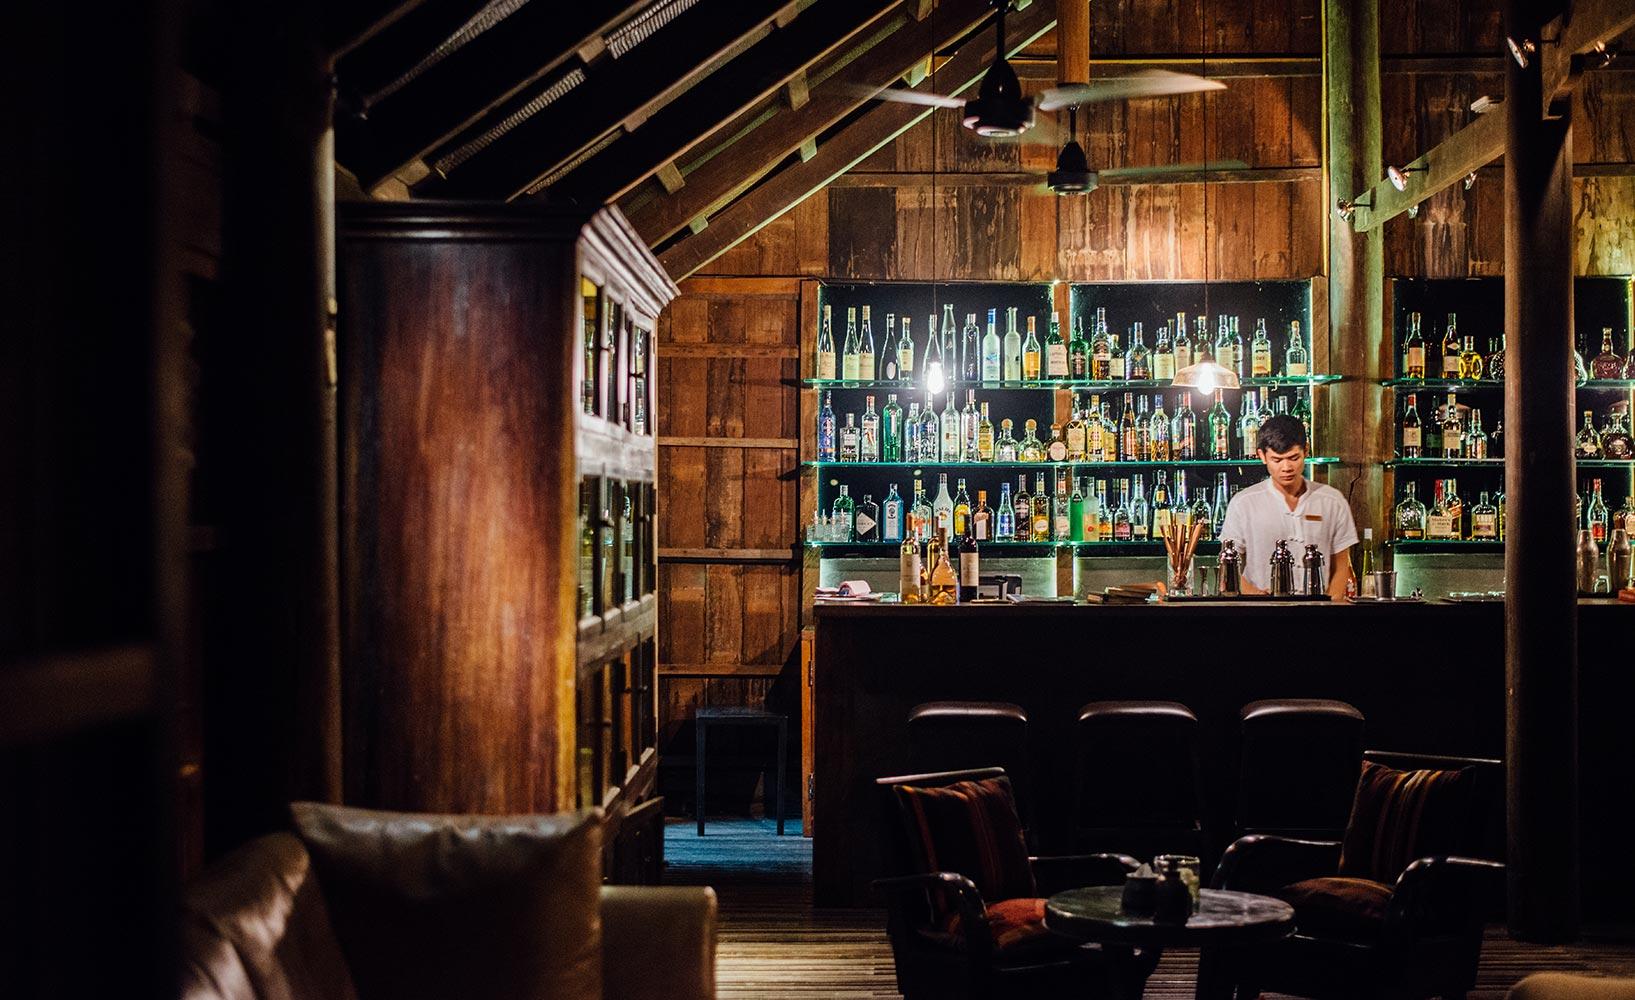 Attractive Einfache Dekoration Und Mobel Authentischer Urlaub Im Designhotel Phum Baitang #9: Cigar U0026 Cocktail Lounge Phum Baitang